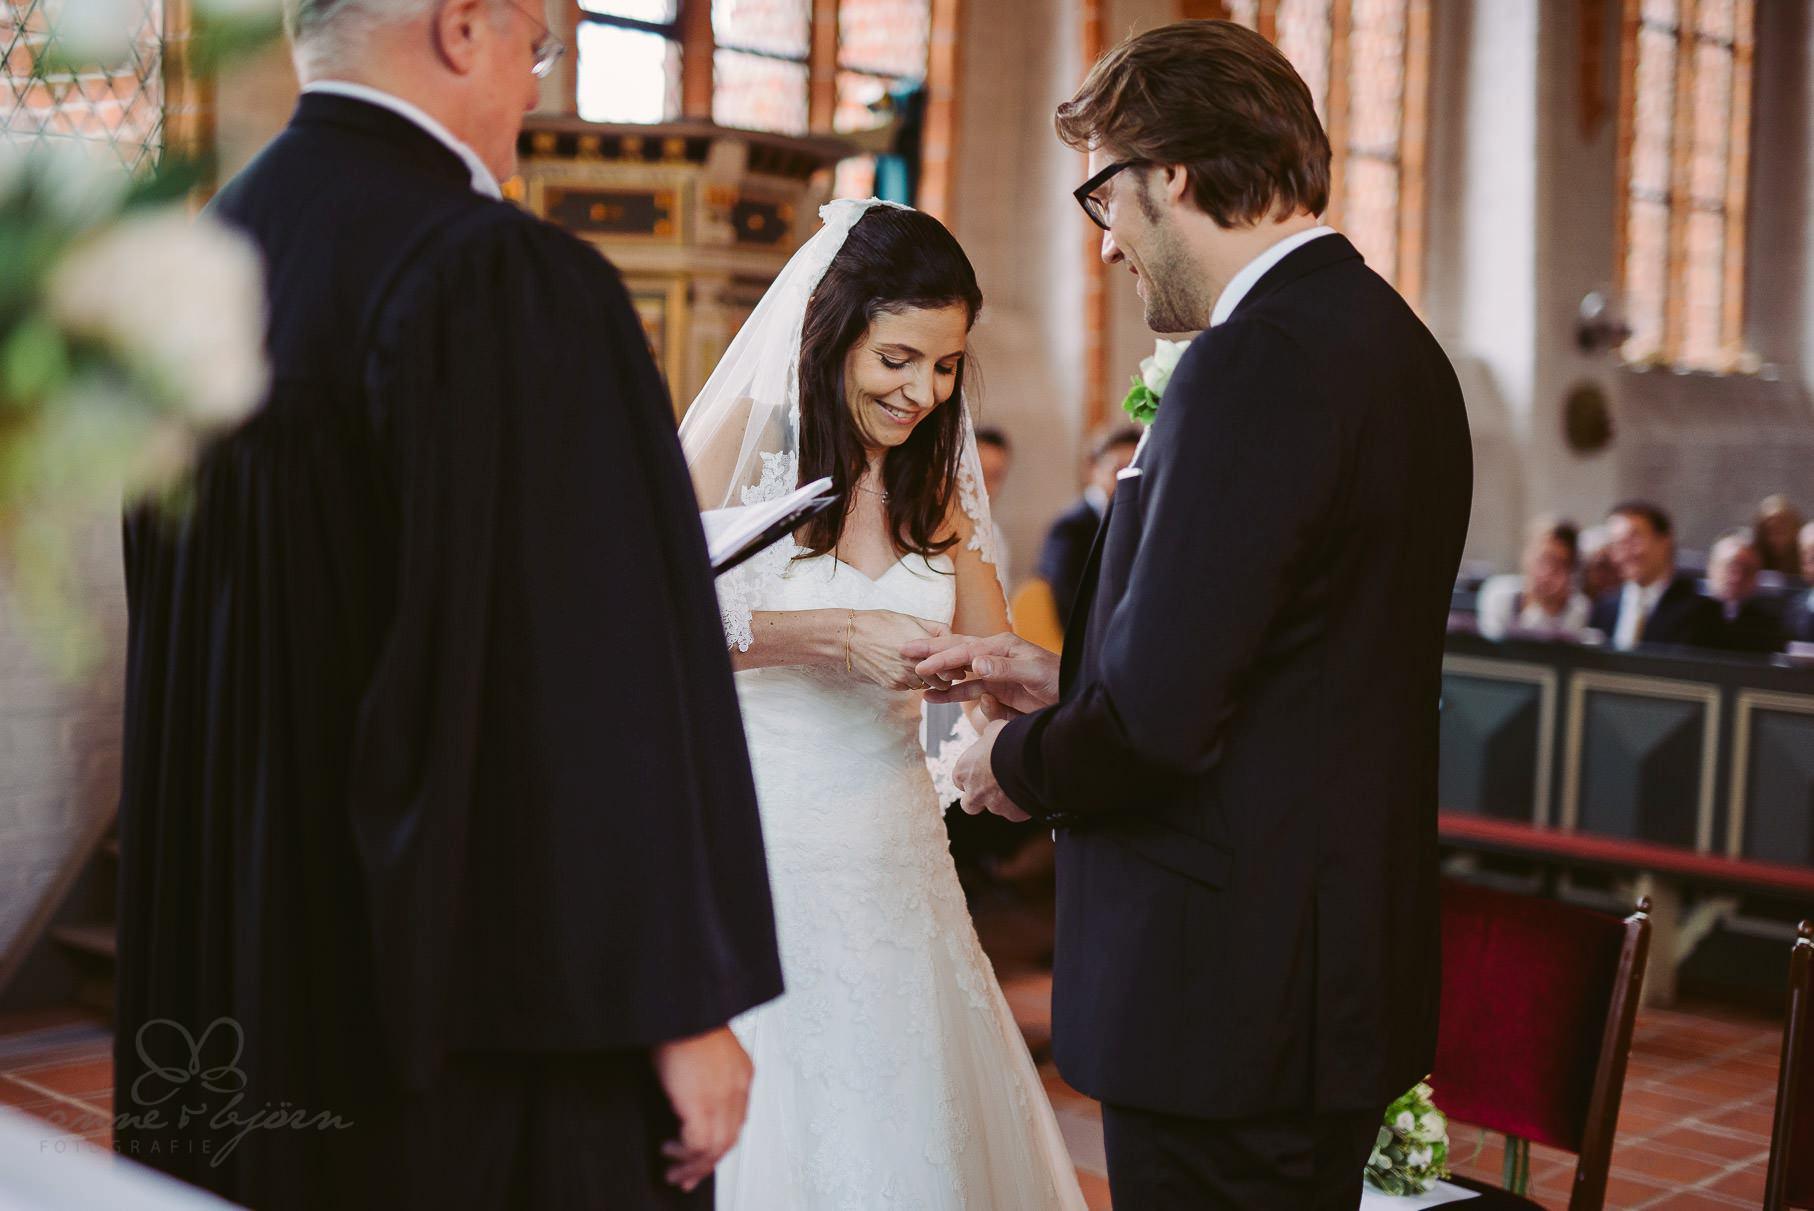 0064 aub 811 5202 - Hochzeit auf Gut Thansen - Anja & Björn